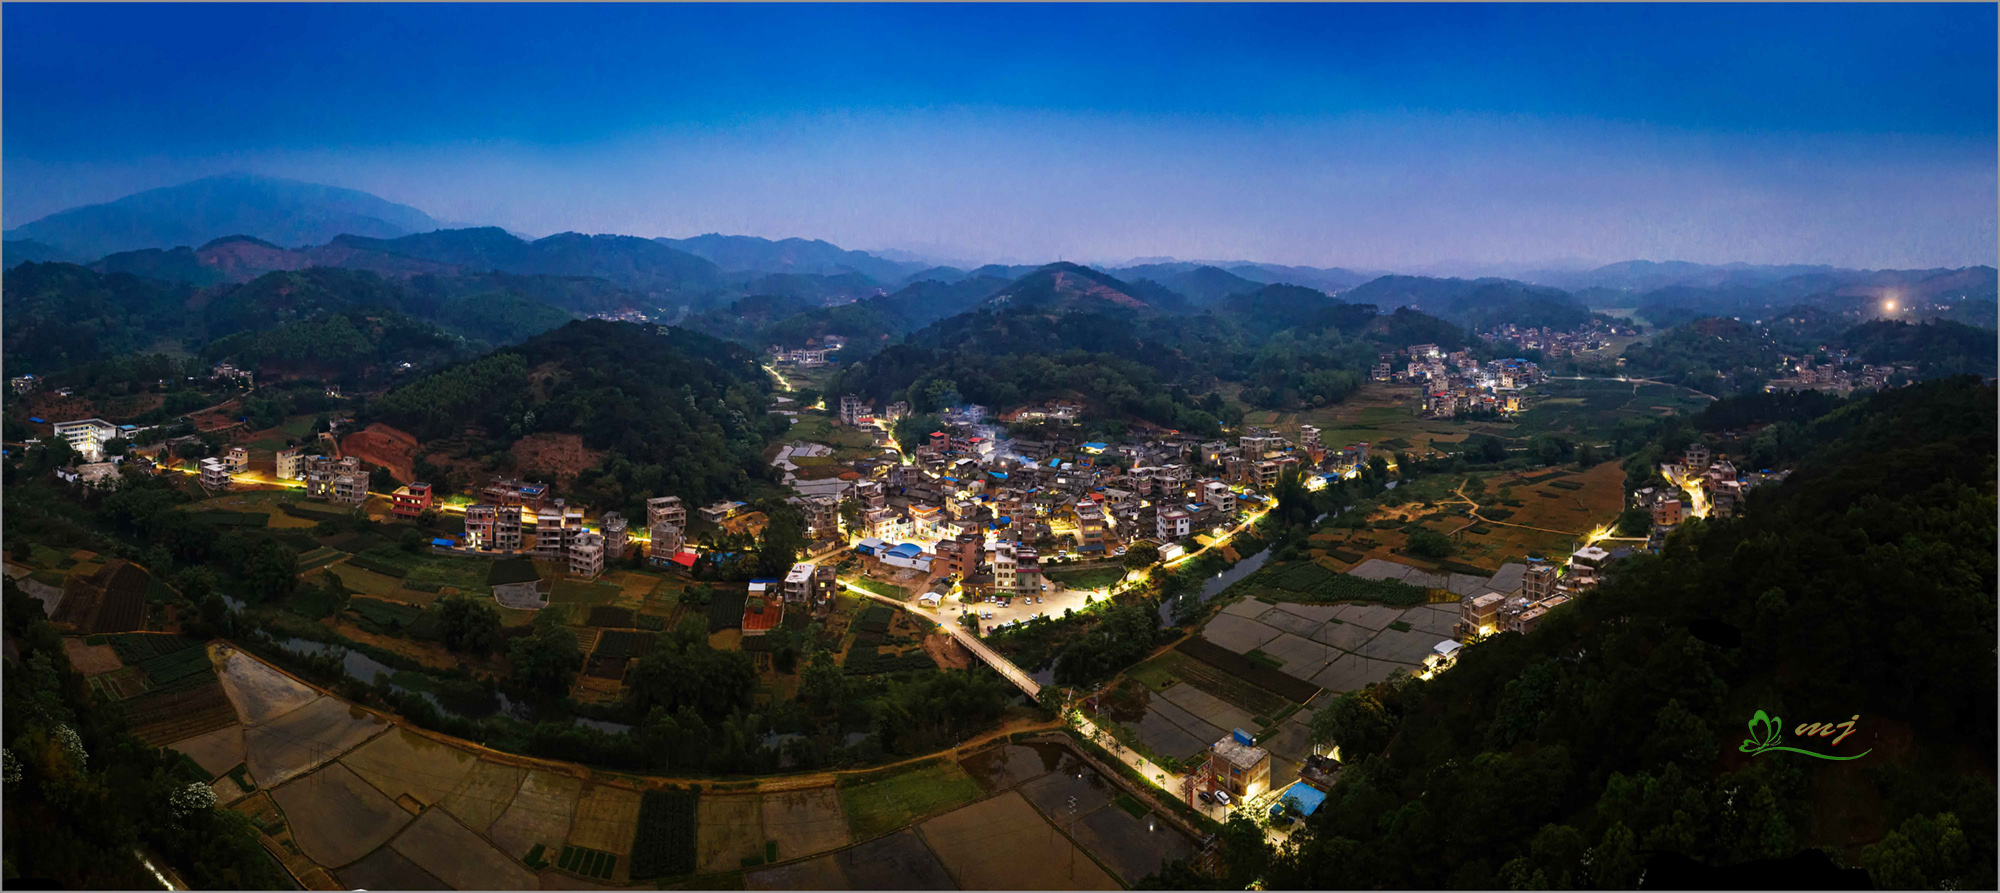 修竹村夜景-2.jpg